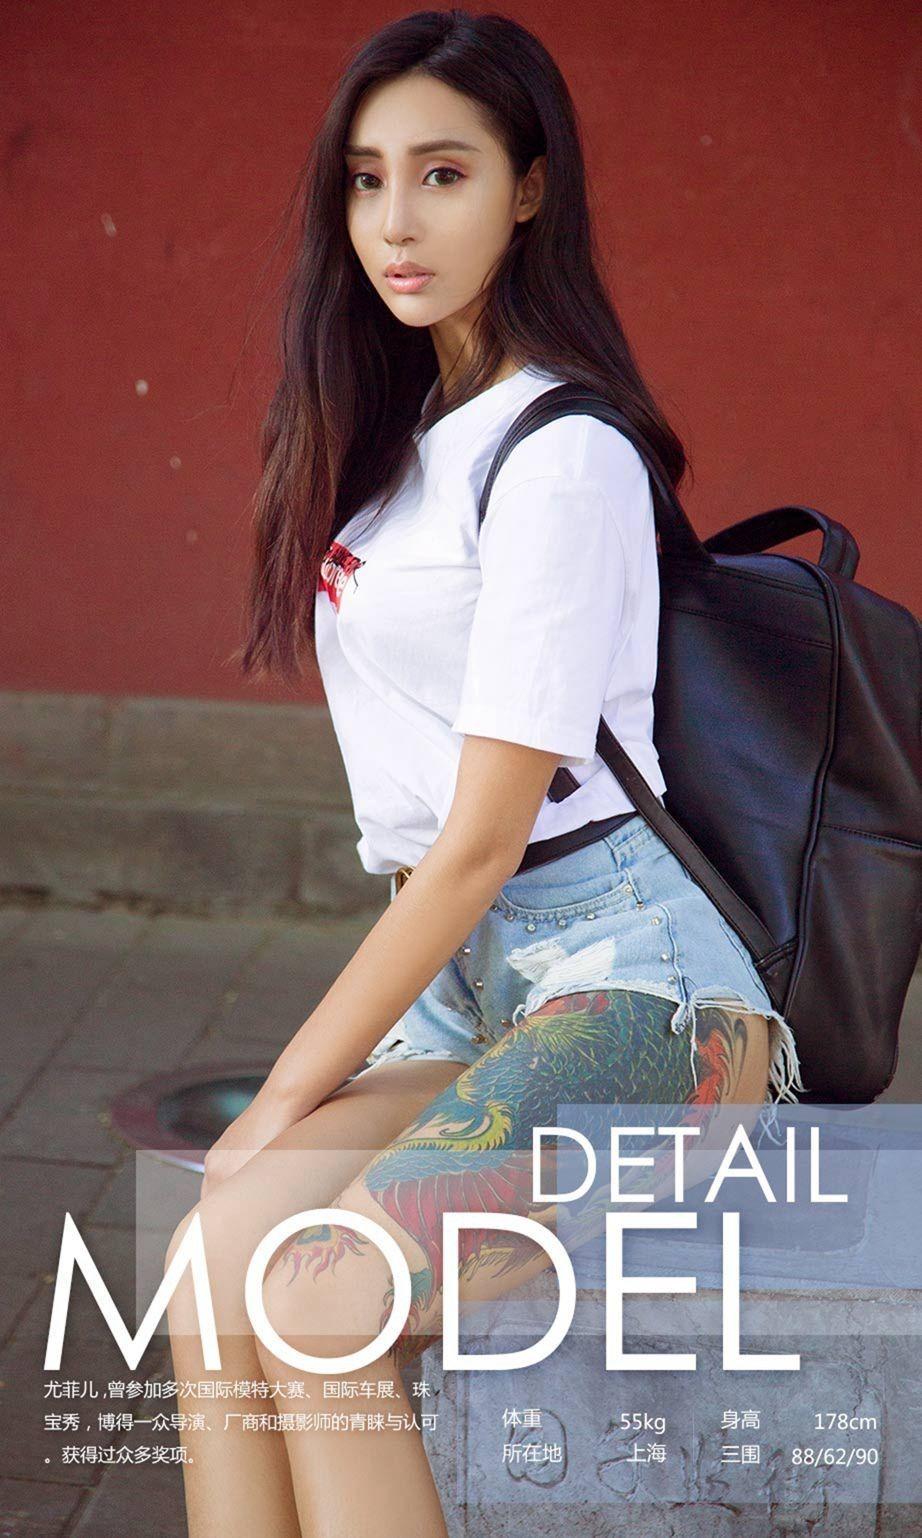 TGOD 2016-05-10: Model Tu Fei Yuan Ai (土肥 圆 矮) (50 photos)